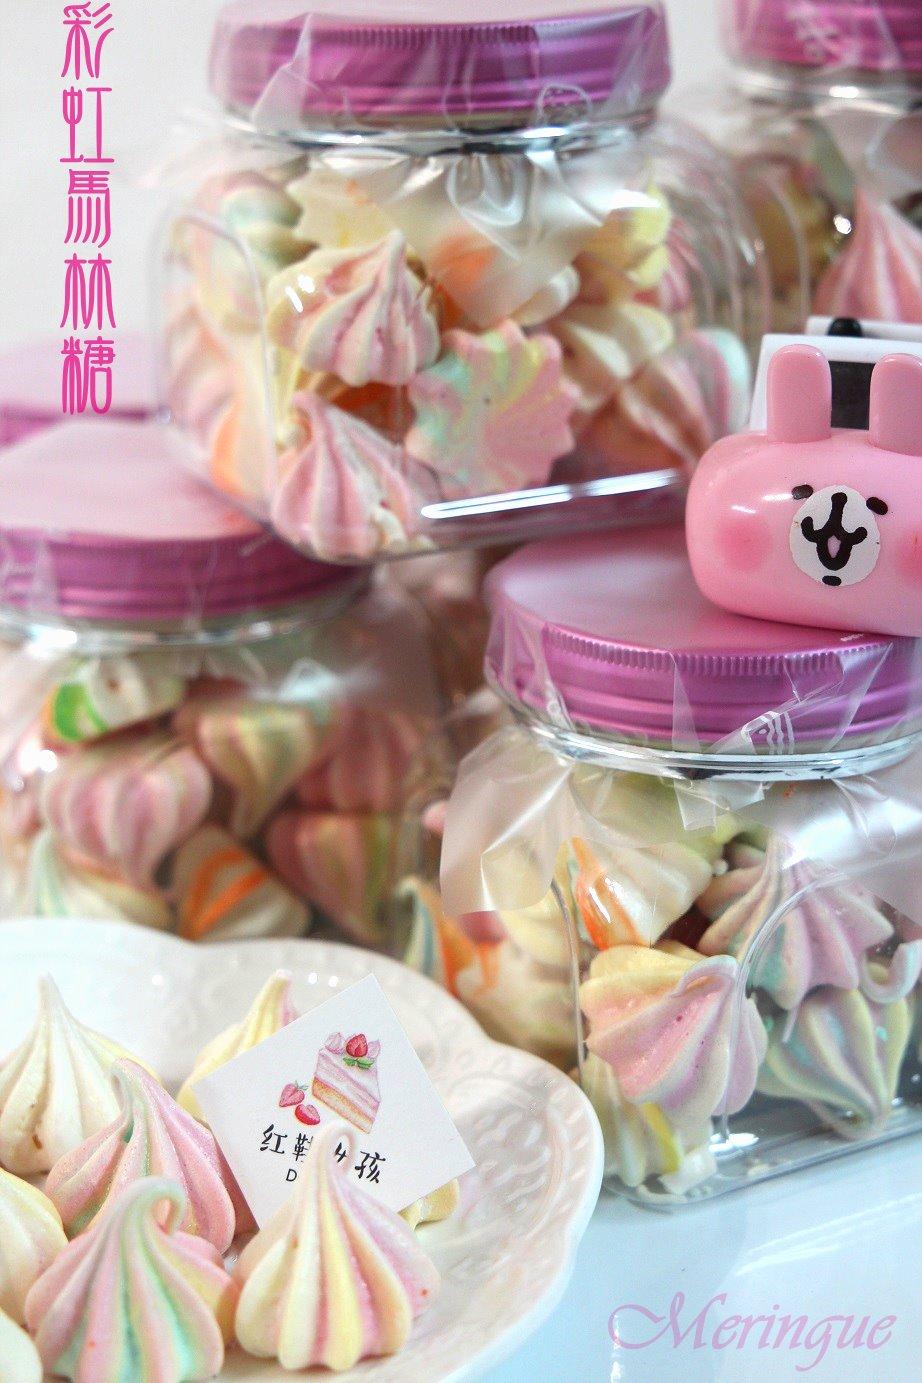 彩虹馬林糖😋甜螞蟻的最愛/愛吃甜再購買喔/法式蛋白餅/孩子最愛/婚禮小物、慶生、下午茶甜品、甜點、派對、團購、伴手禮